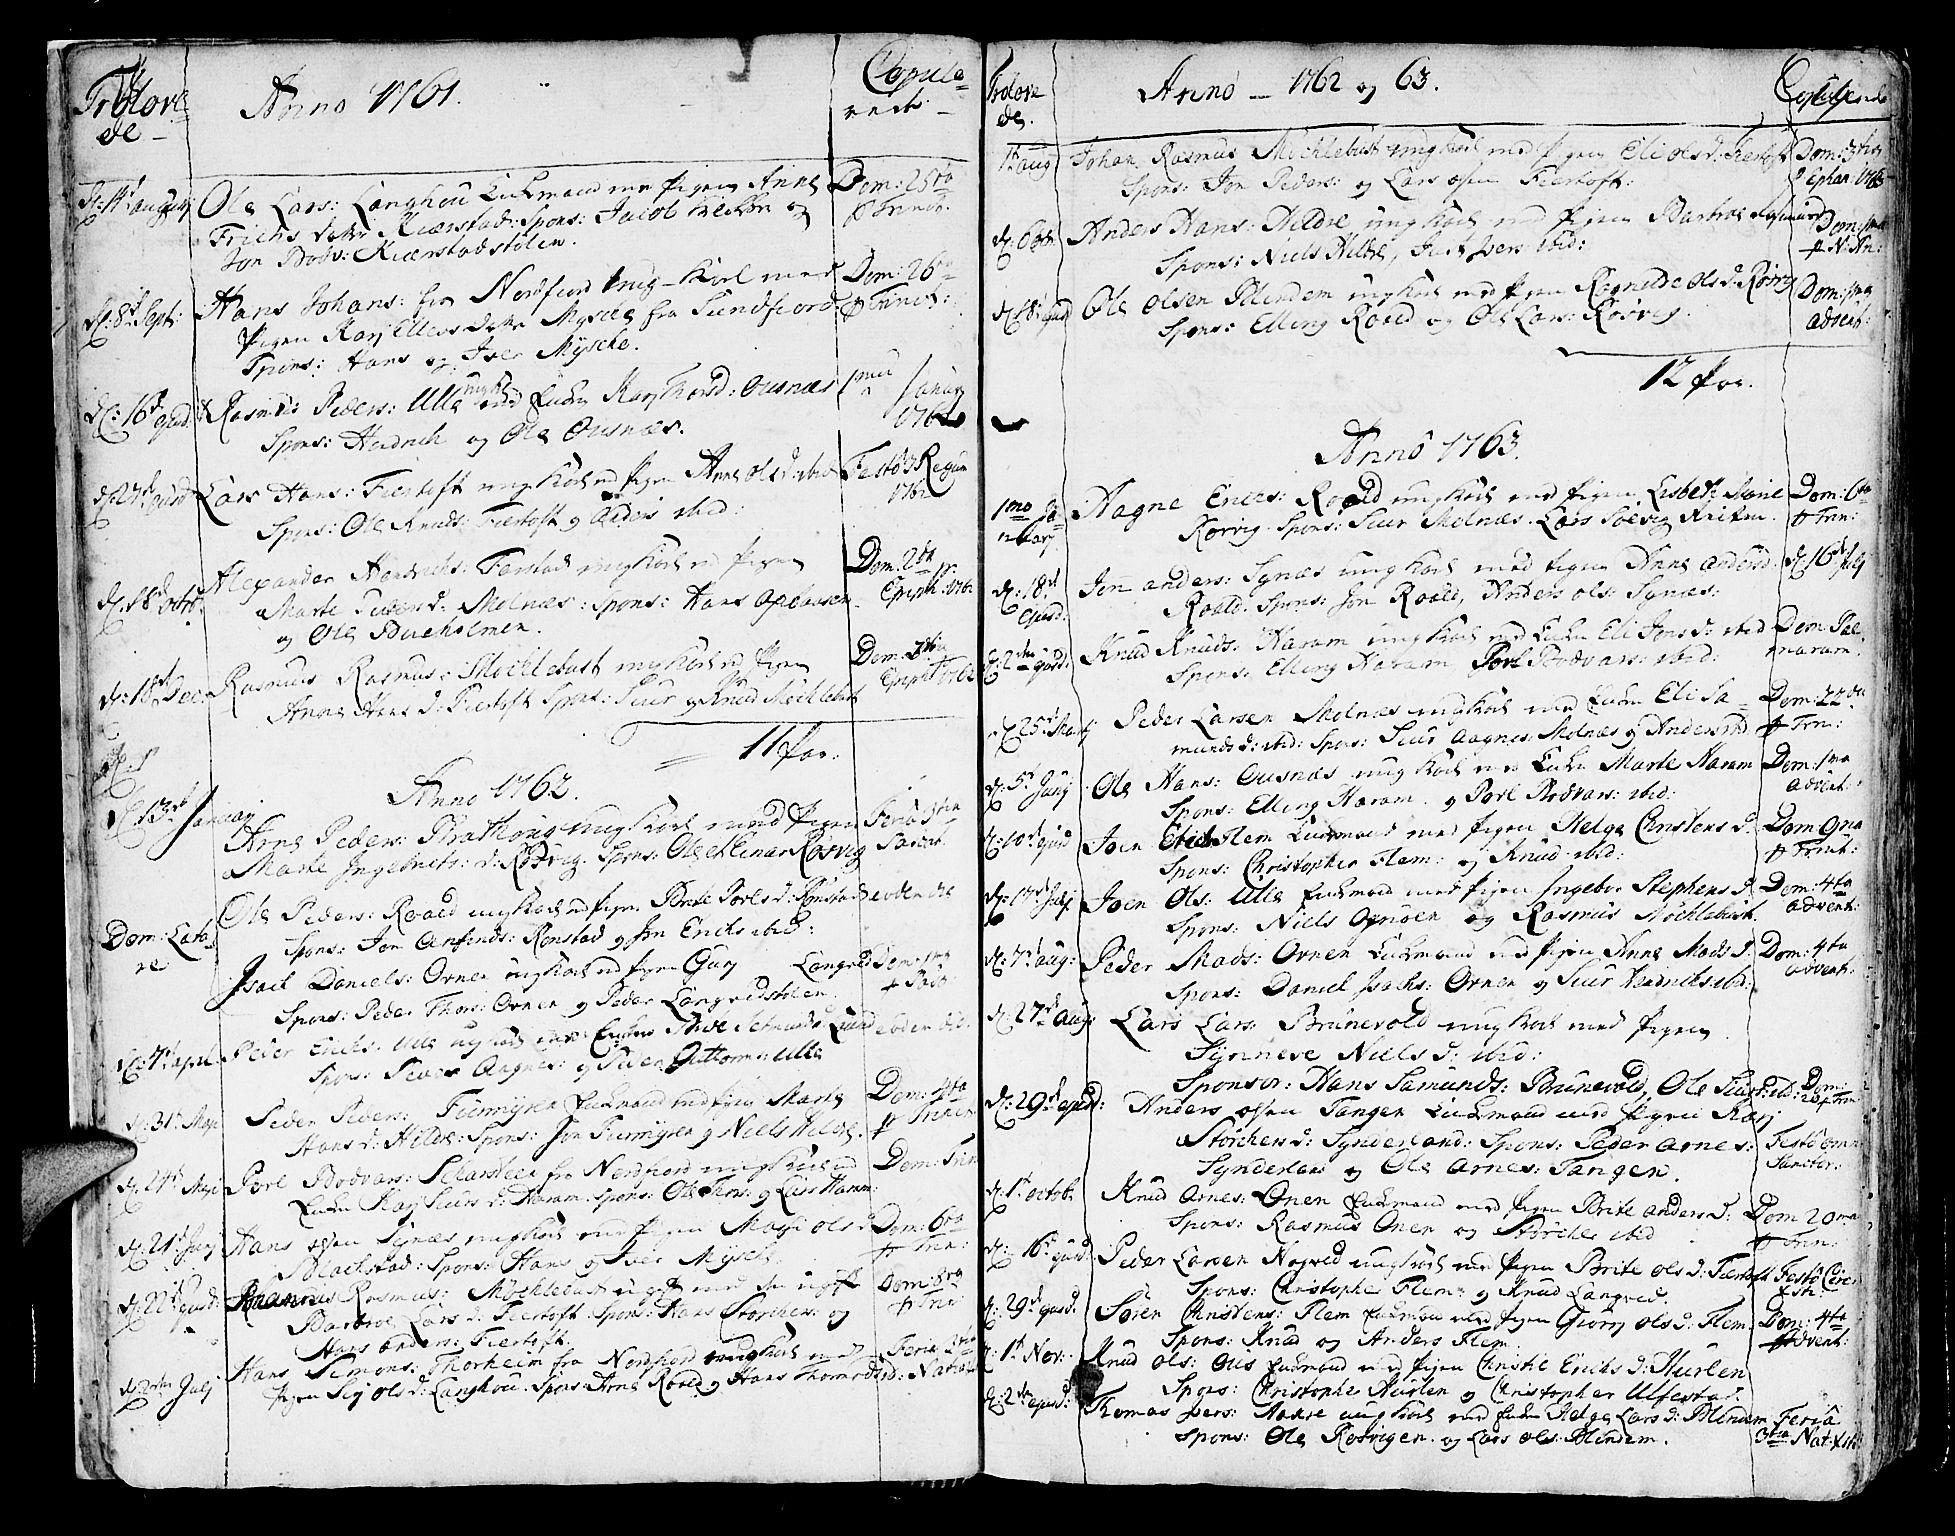 SAT, Ministerialprotokoller, klokkerbøker og fødselsregistre - Møre og Romsdal, 536/L0493: Ministerialbok nr. 536A02, 1739-1802, s. 18-19